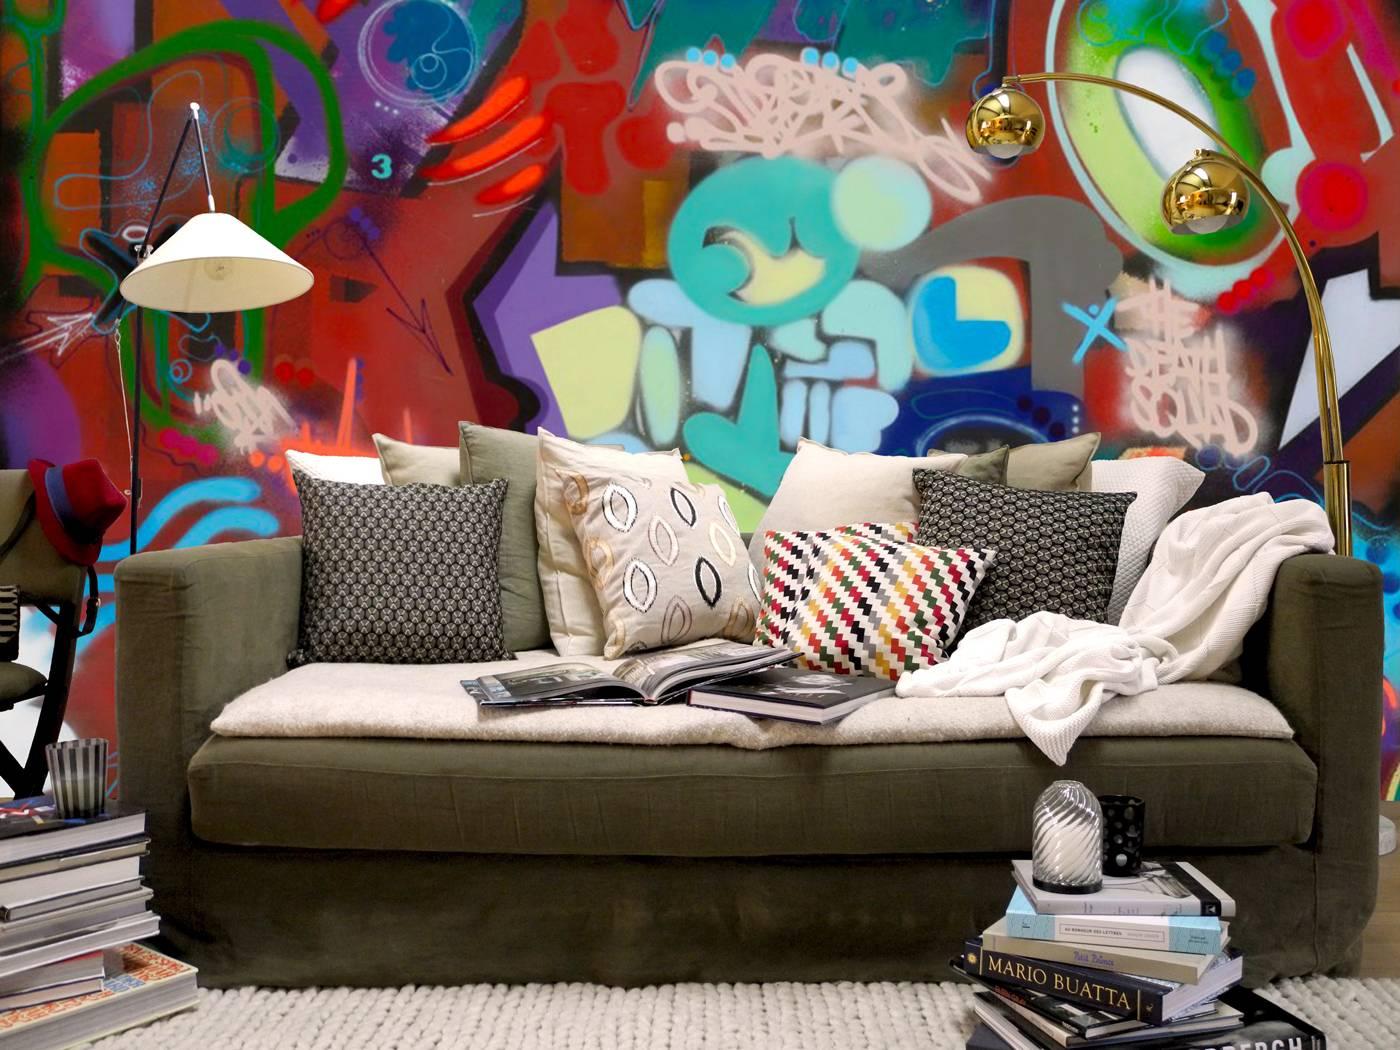 La maison pierre frey x toxic id es d co meubles et int rieurs design residences decoration for Pierre frey showroom